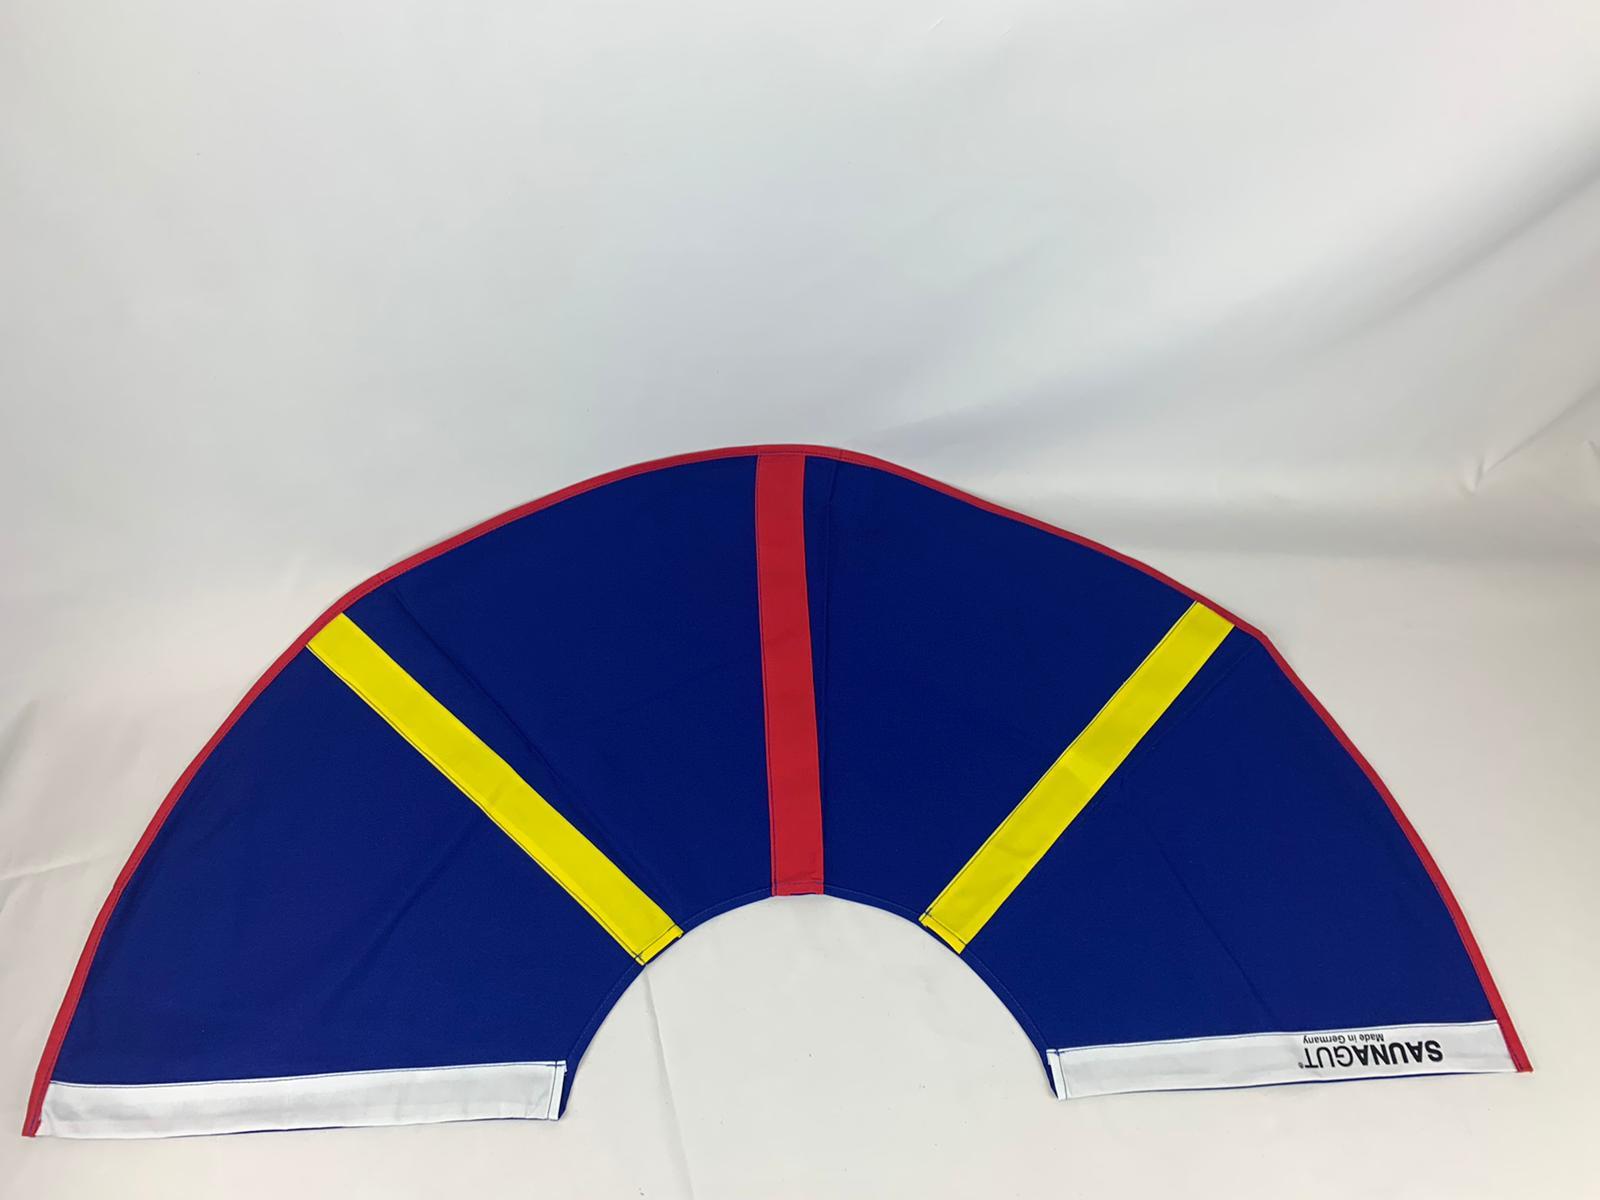 003-ES-AFS-BWGR | Ersatzstoff Aufgussfächer STANDARD Blau-Weiß-Gelb-Rot